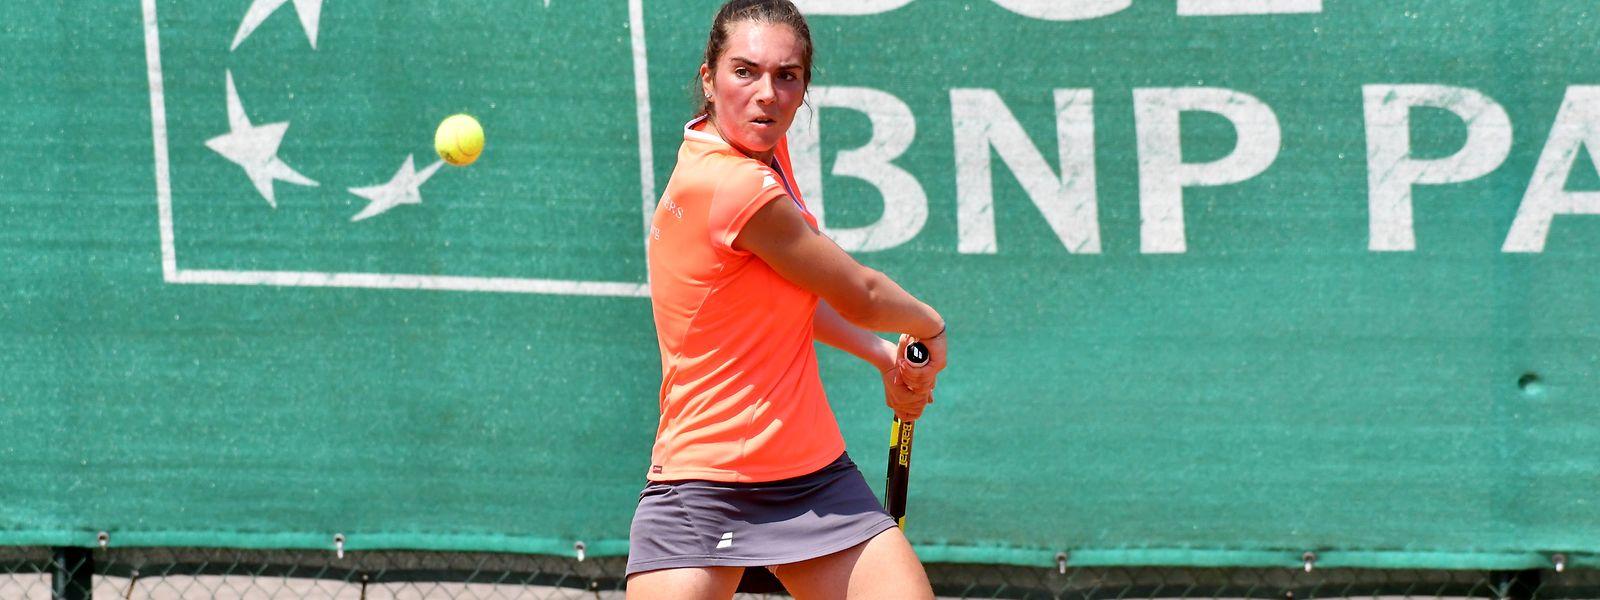 Eléonora Molinaro est restée près de trois heures sur le court ce vendredi, en quart de finale du tournoi de Horb